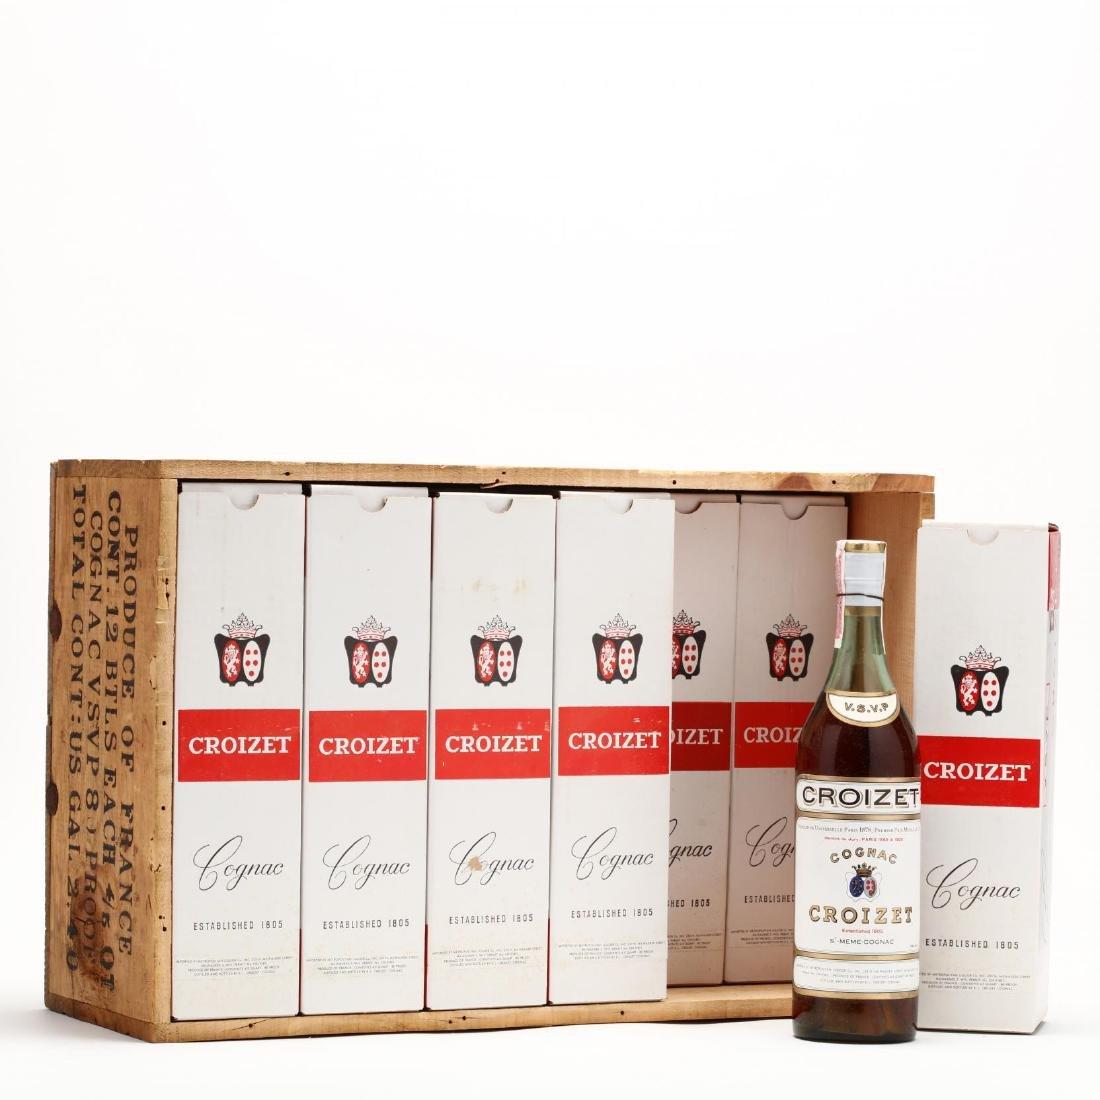 Croizet Cognac V.S.V.P.